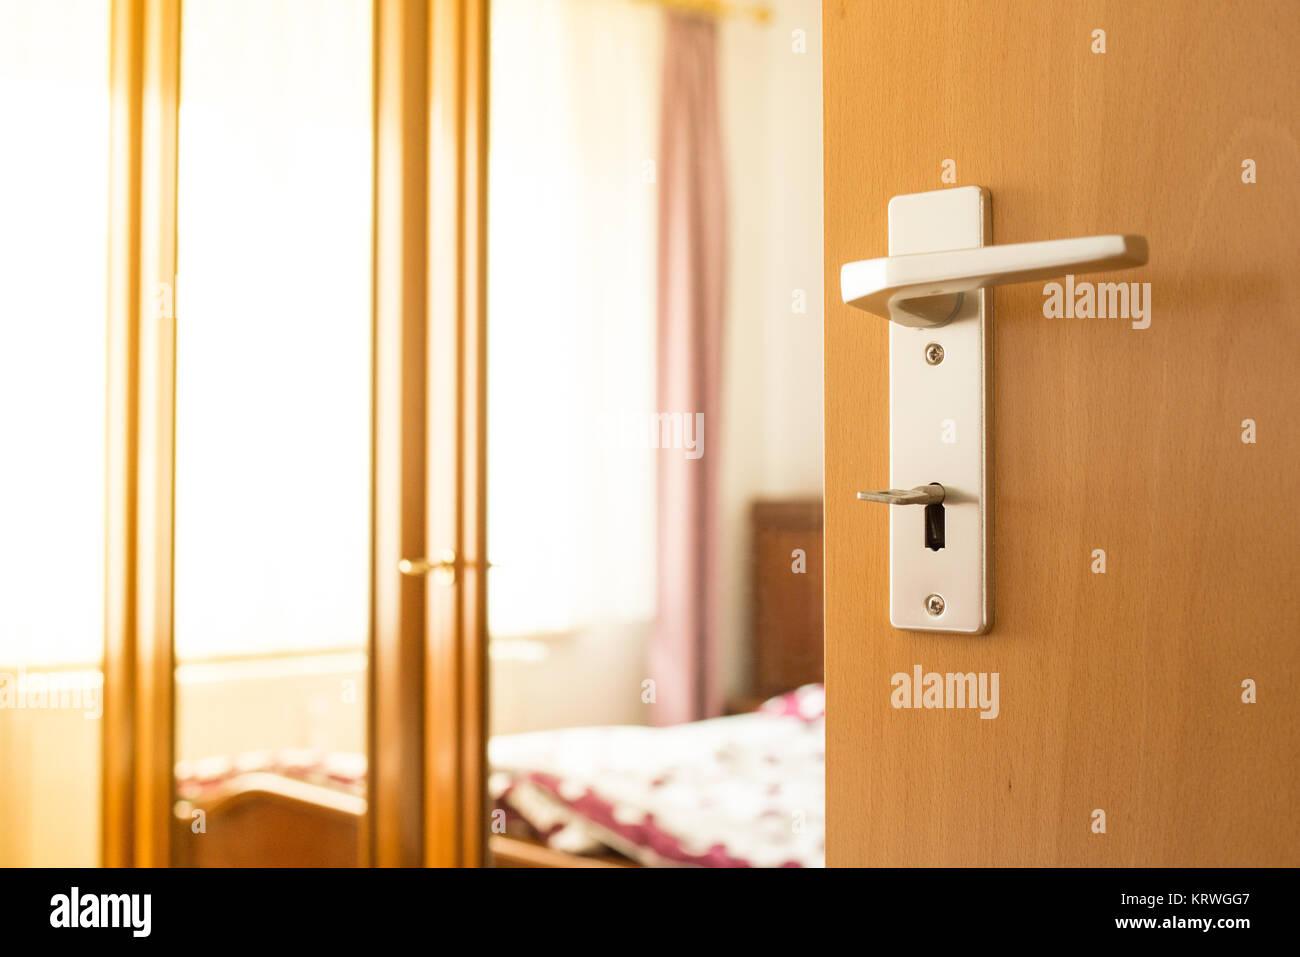 Tur Vom Schlafzimmer Mit Turgriff Schlussel Und Schrank Steht